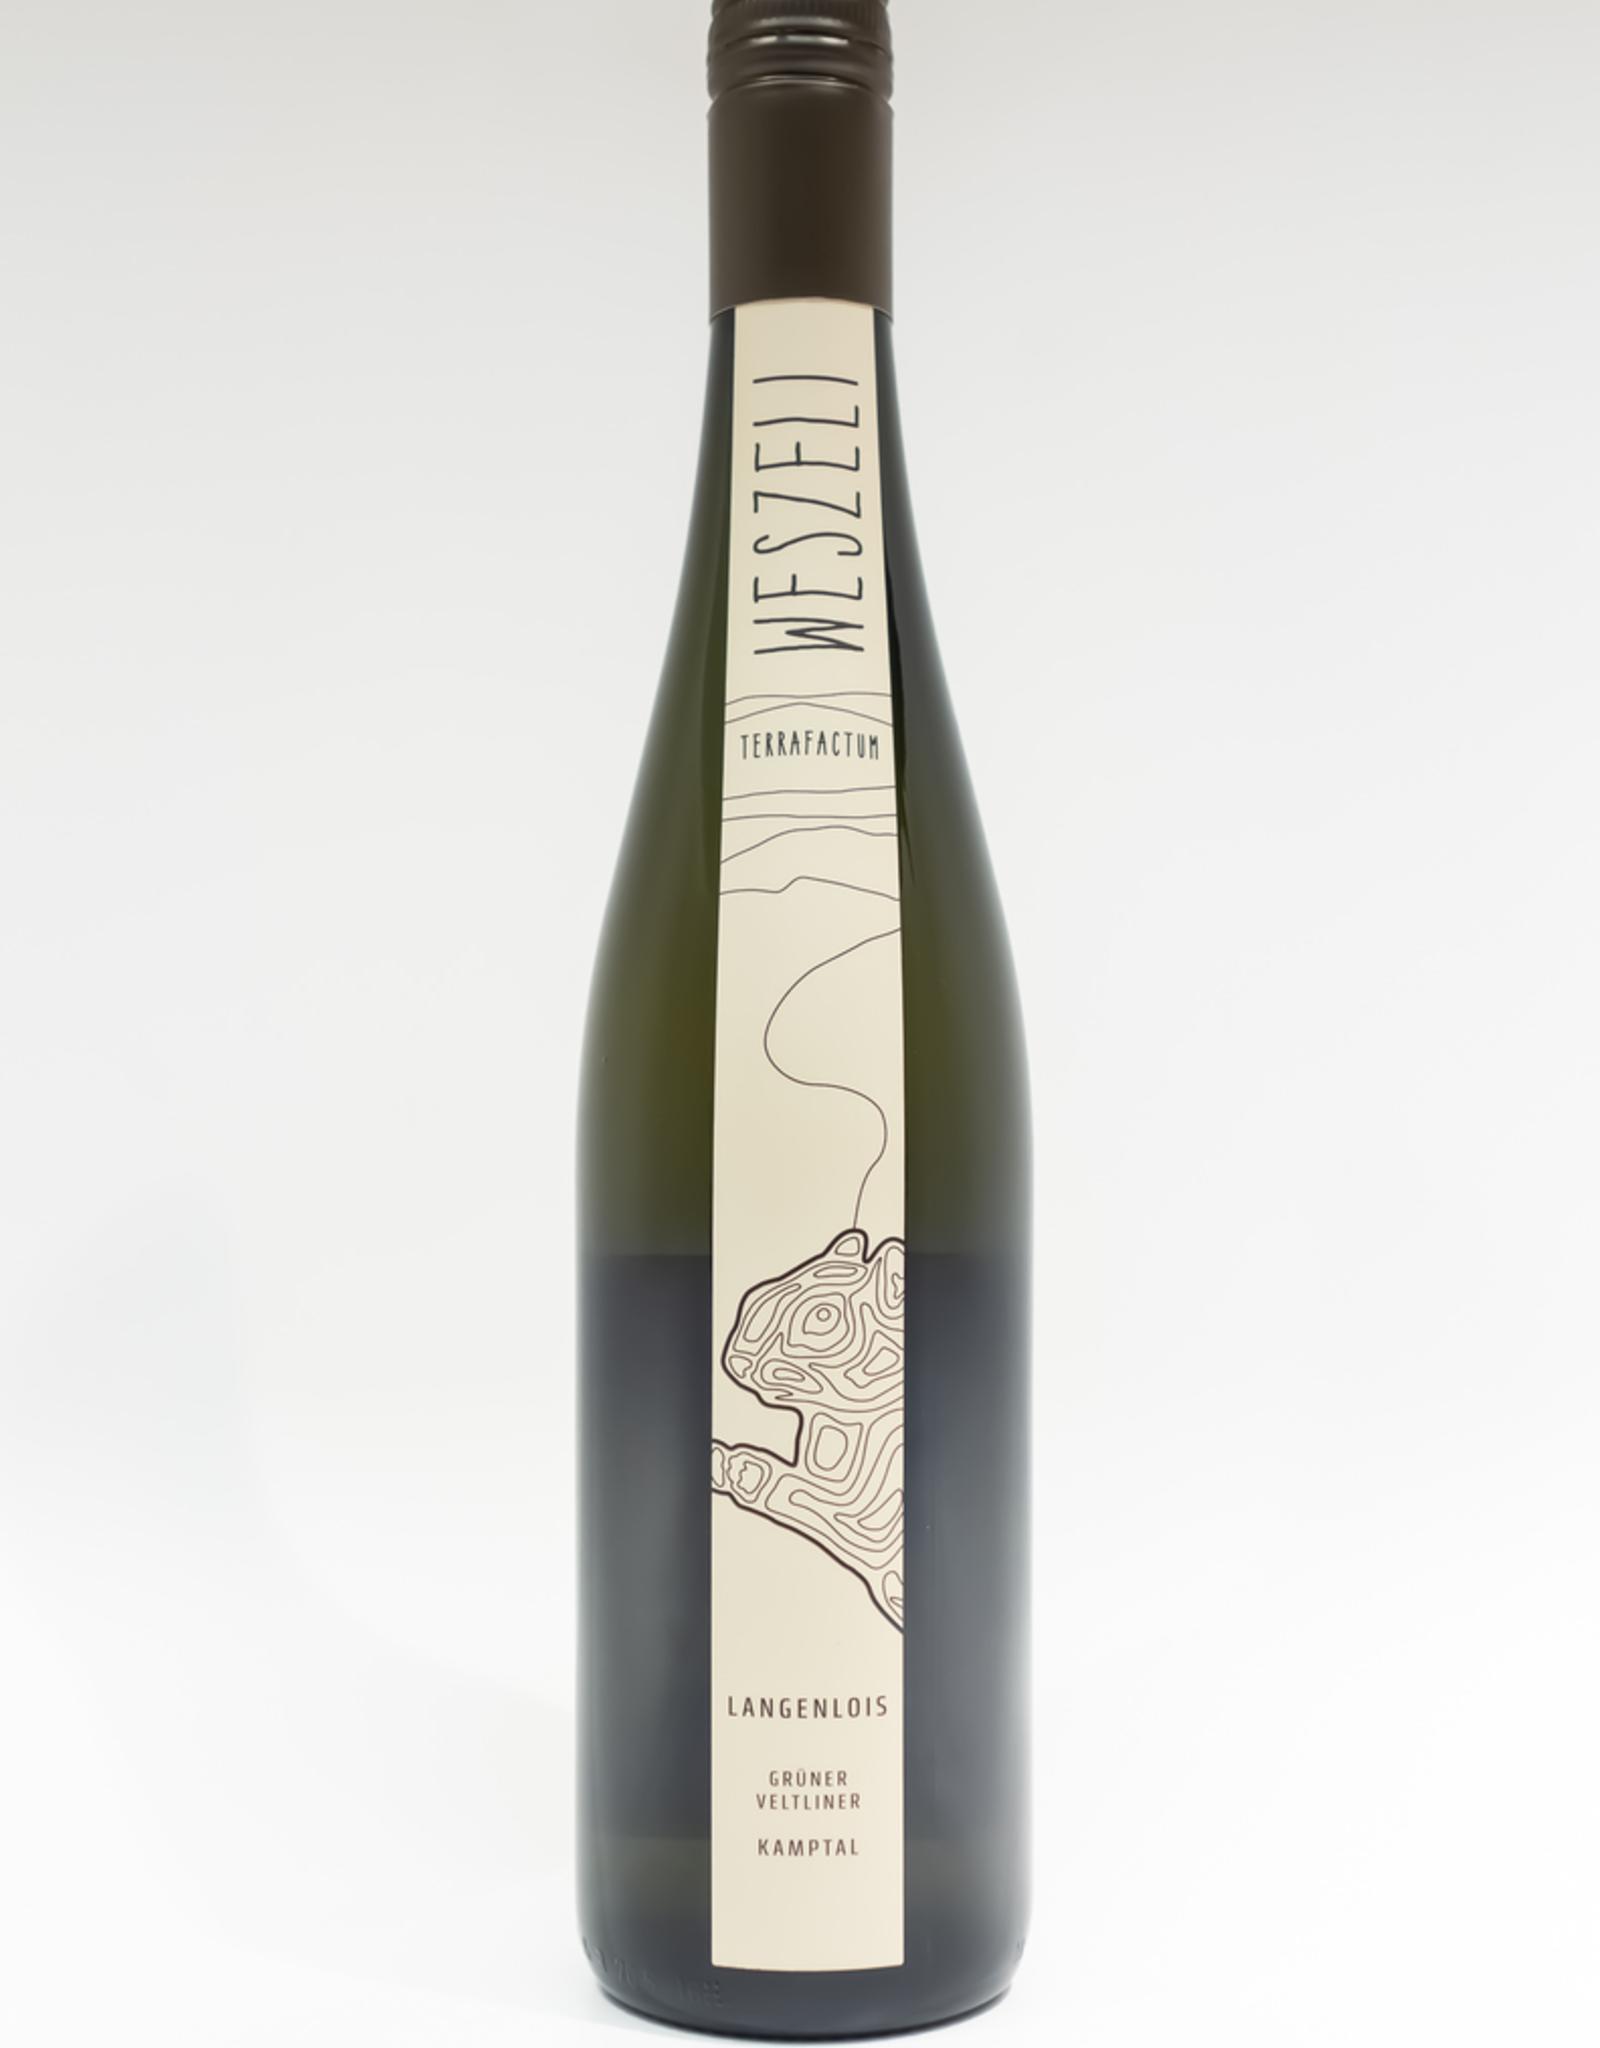 Wine-White-Round Weszeli Terrafactum Langenlois Gruner Veltliner Kamptal DAC 2018